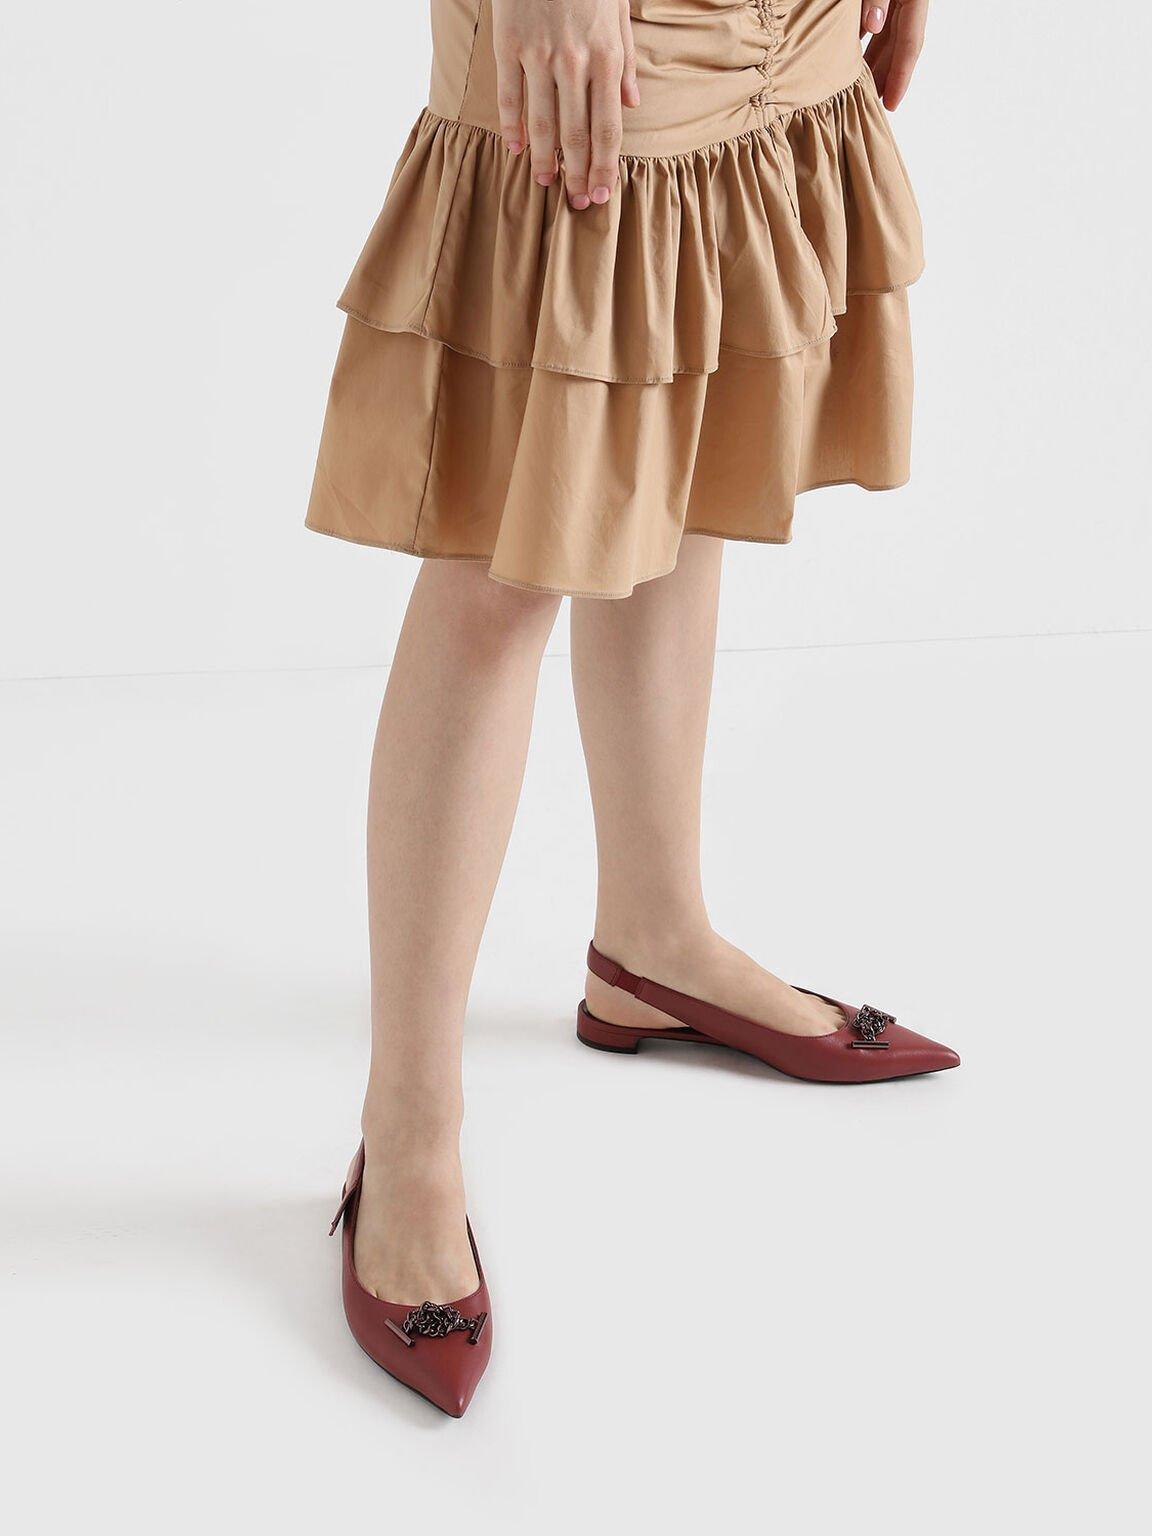 金屬鍊真皮平底鞋, 紅色, hi-res